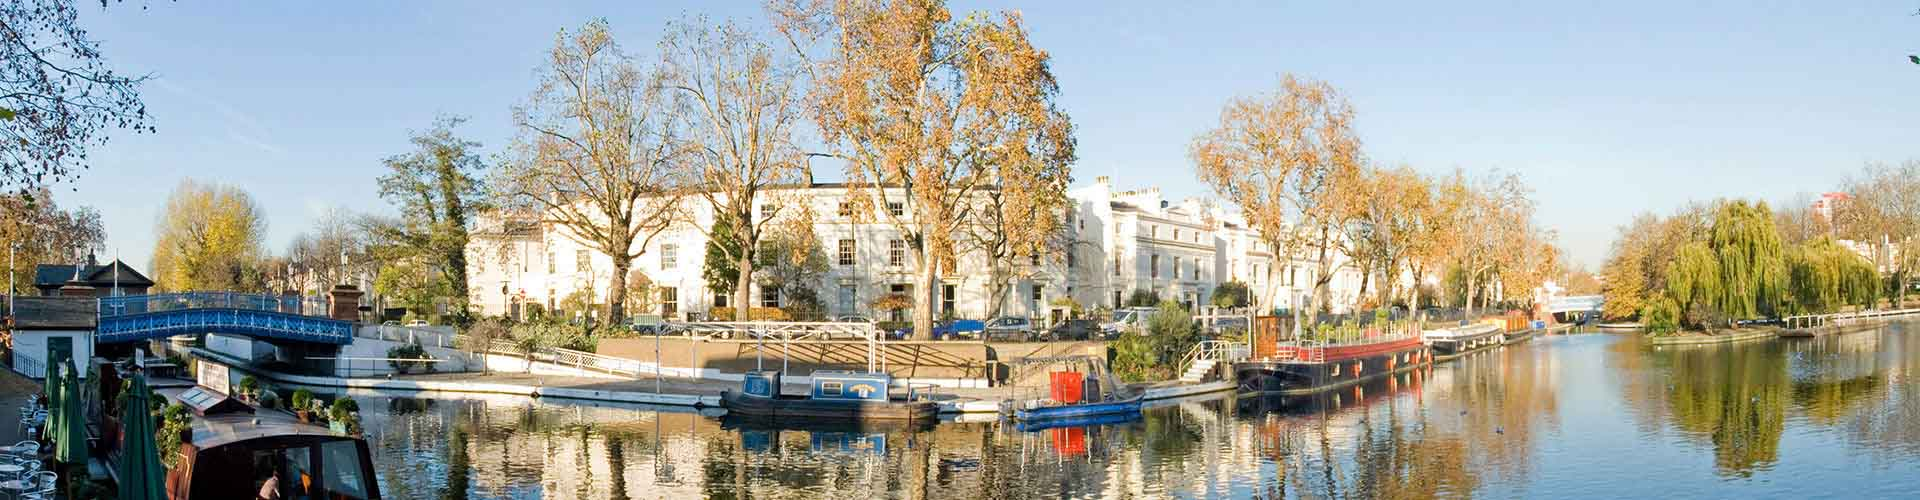 Londres - Hoteles baratos en el distrito Little Venice. Mapas de Londres, Fotos y comentarios de cada Hotel barato en Londres.